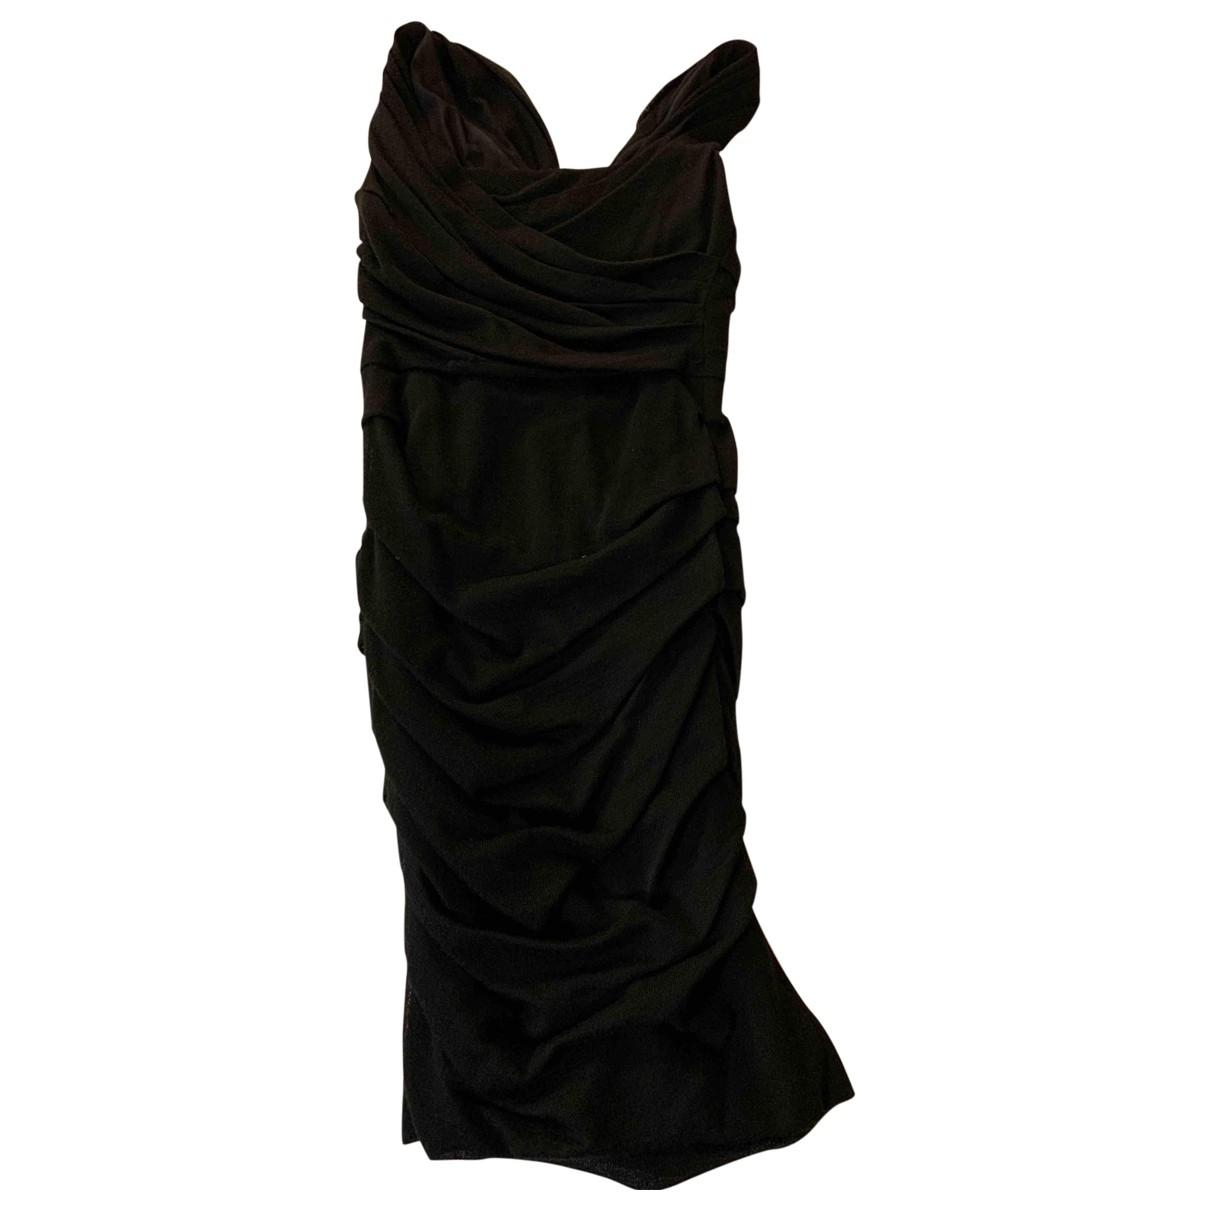 Dolce & Gabbana \N Black Wool dress for Women 44 IT